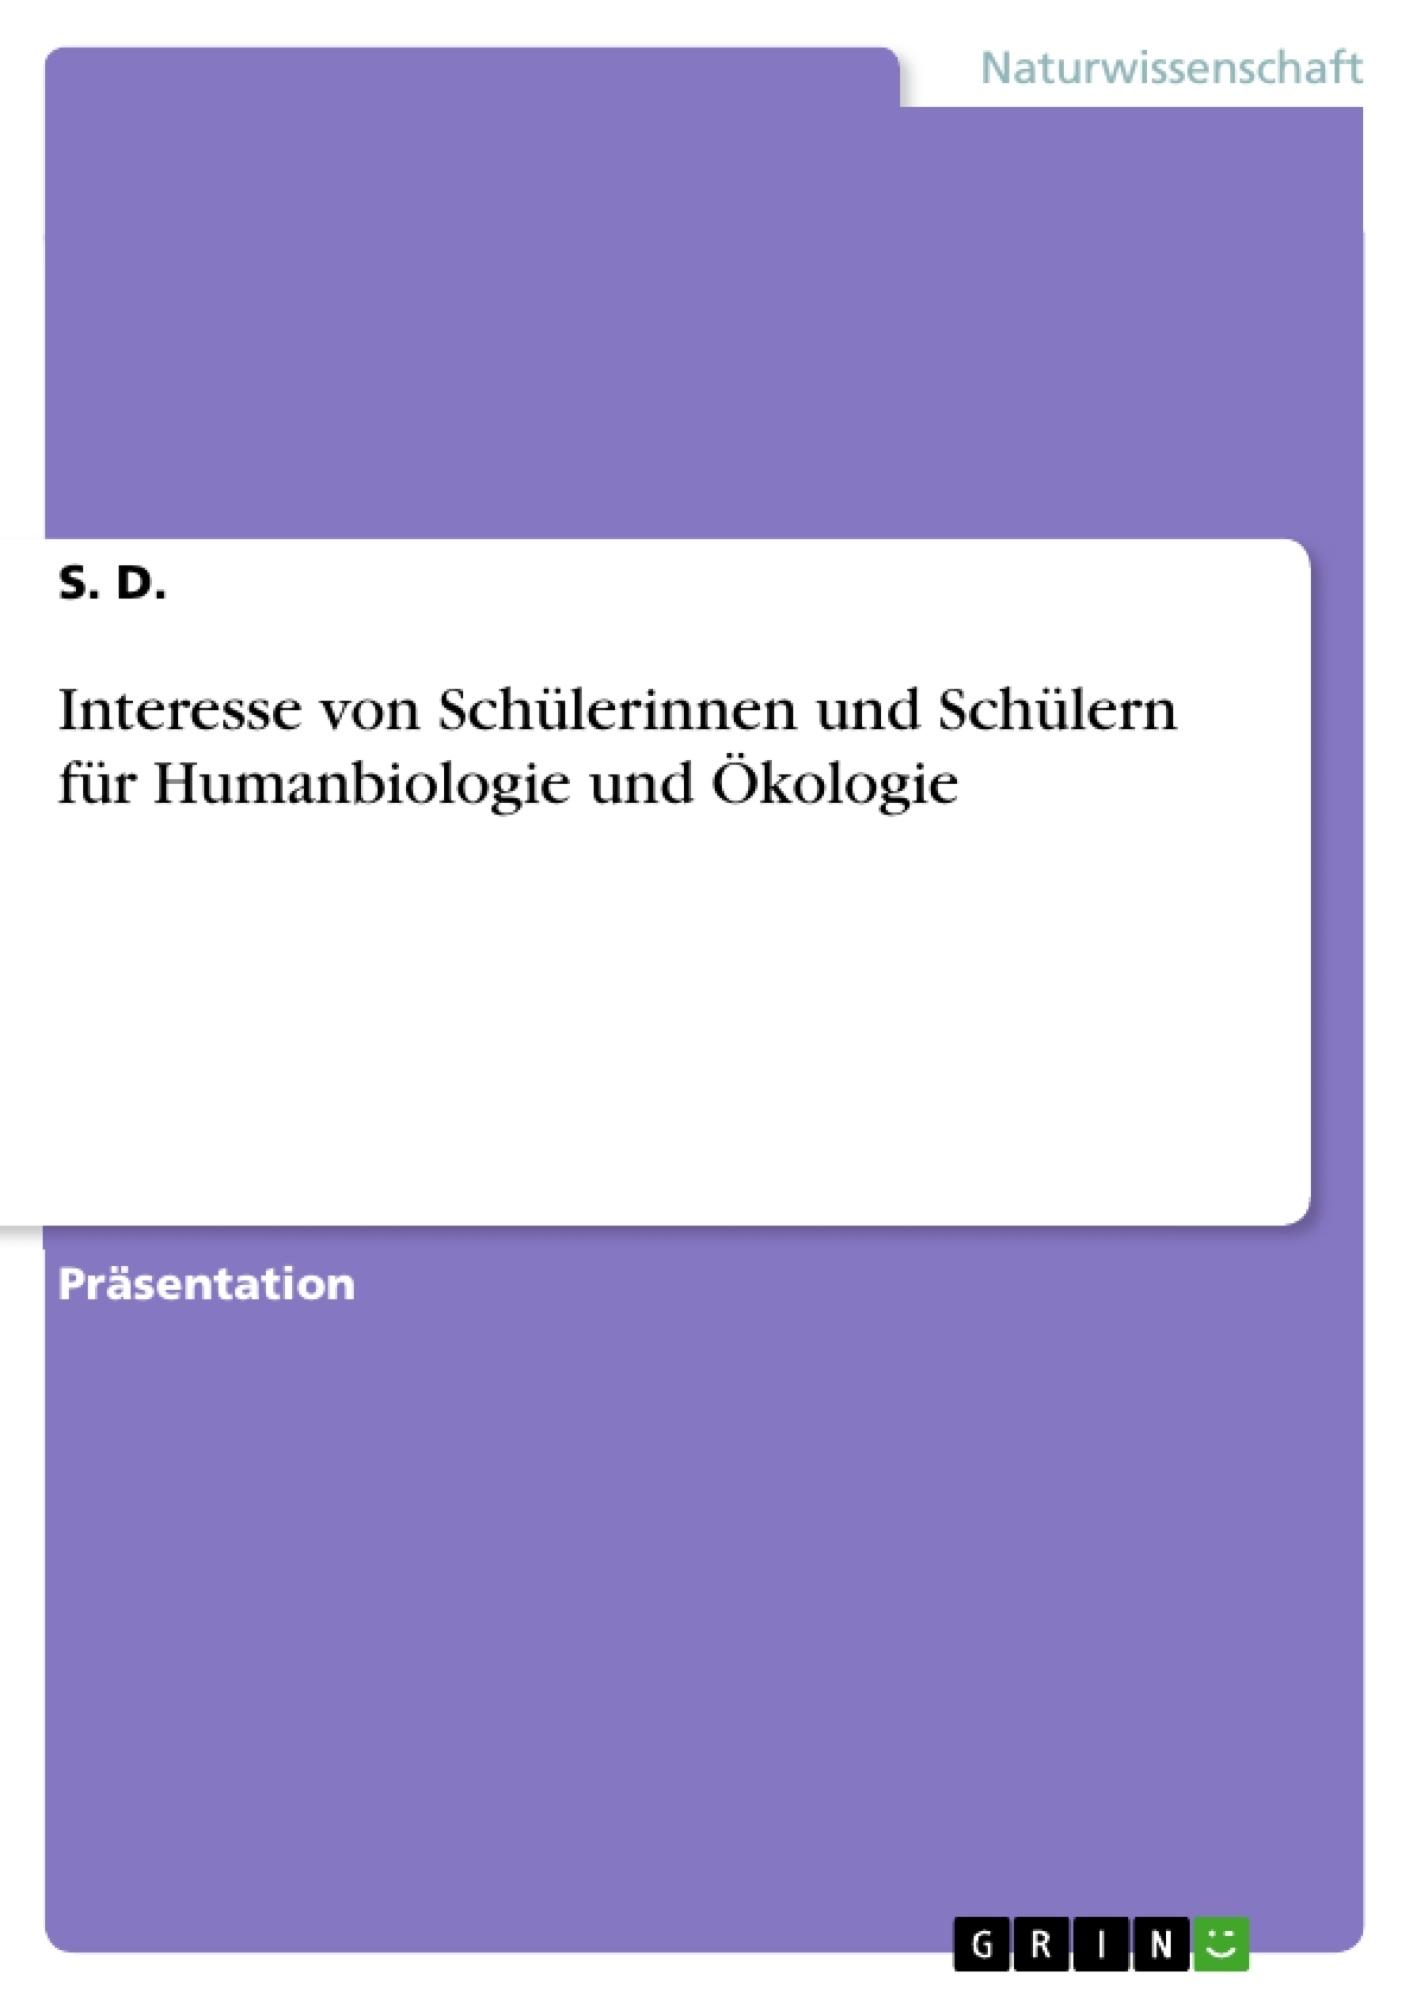 Titel: Interesse von Schülerinnen und Schülern für Humanbiologie und Ökologie